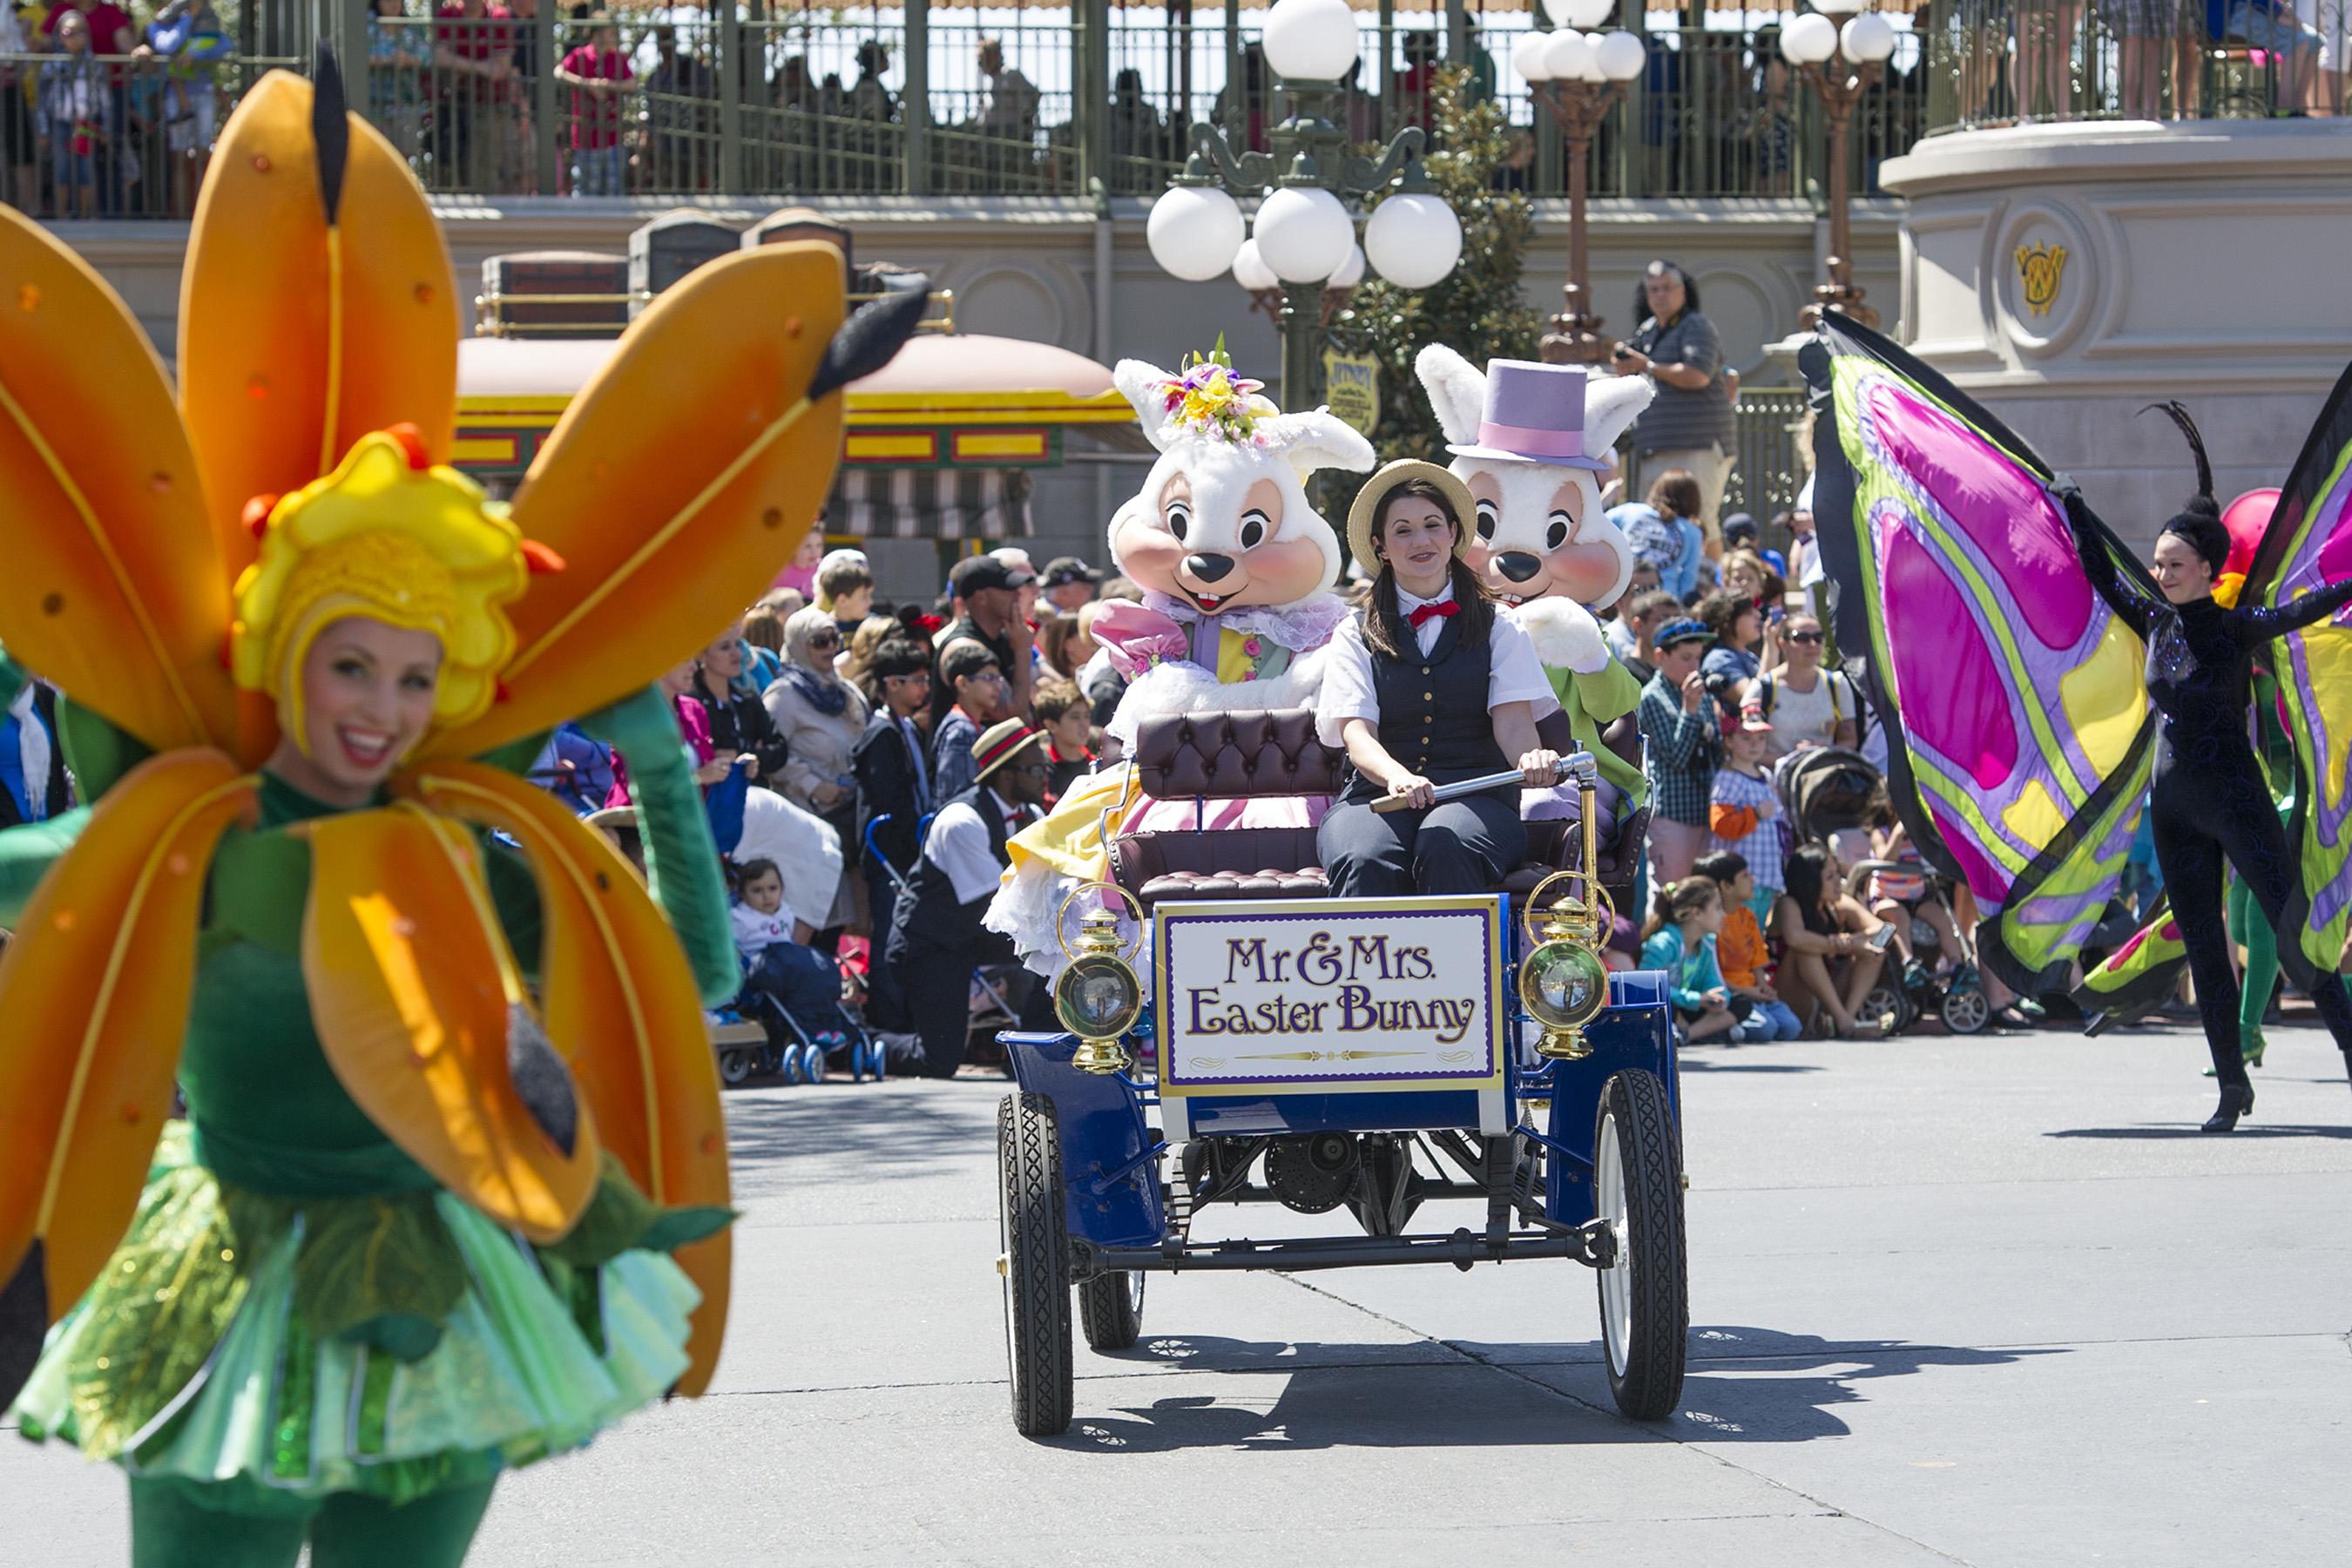 Easter Fun for Everyone at Disney